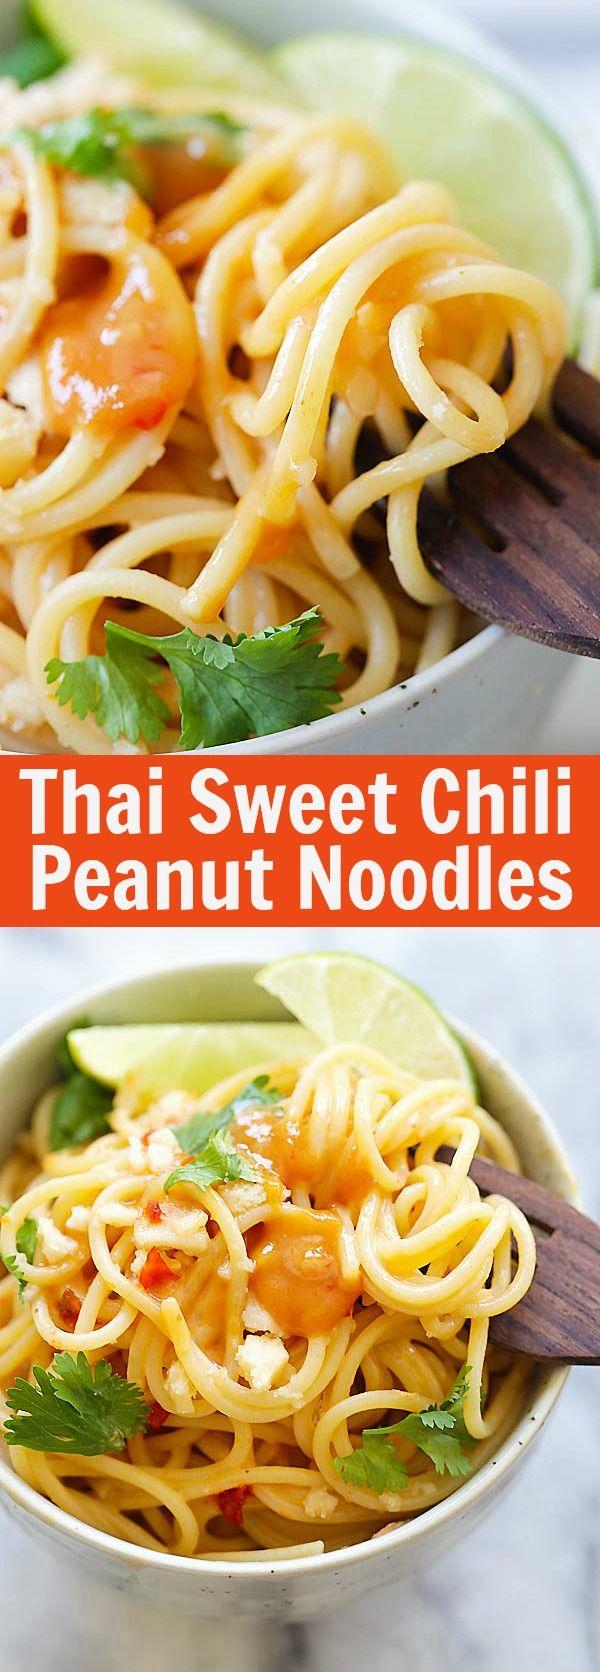 Thai Sweet Chili Peanut Noodles